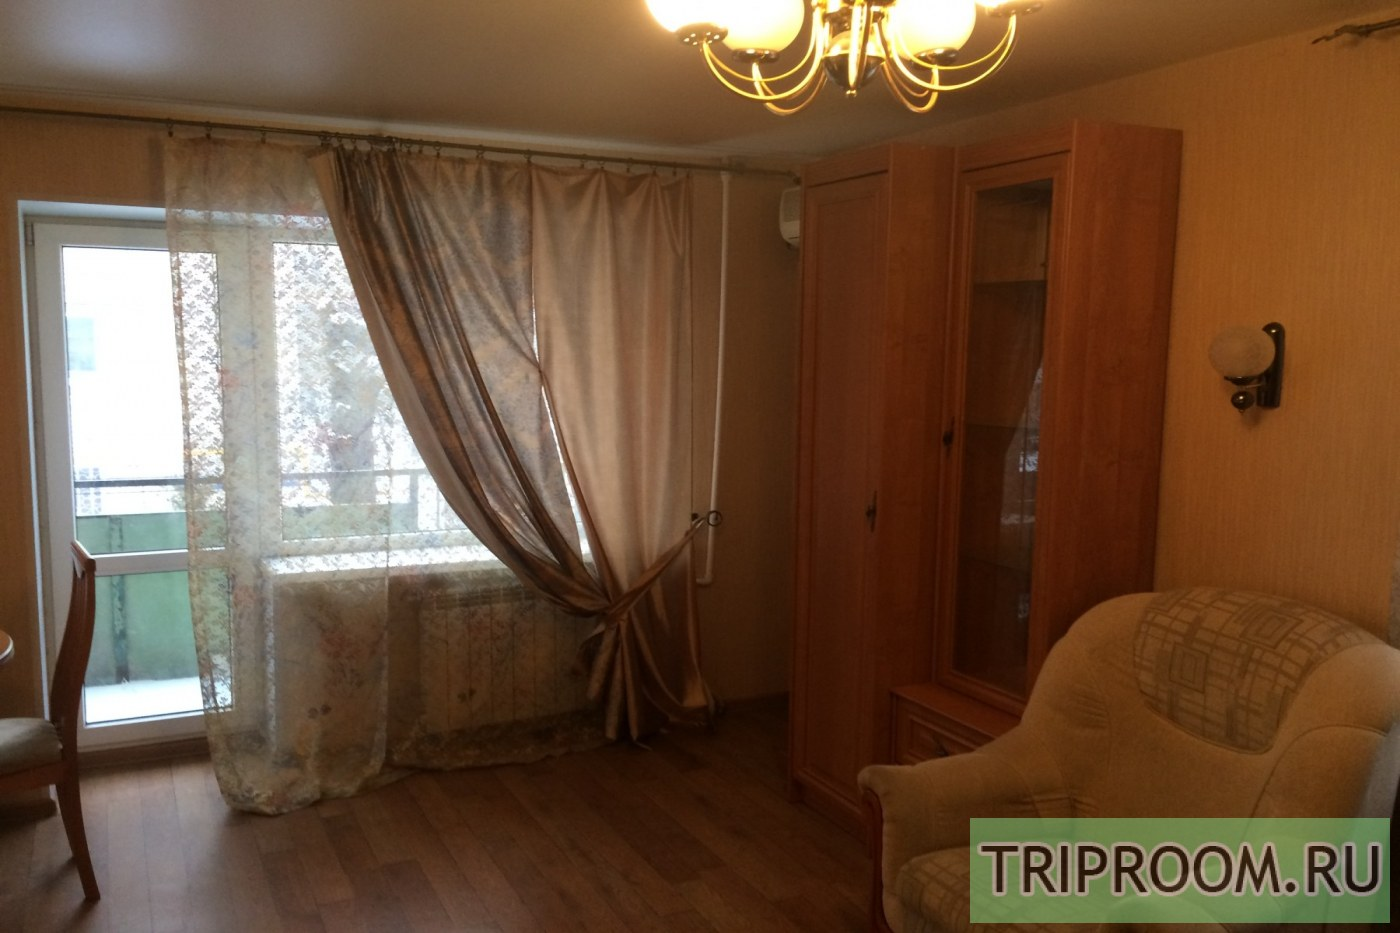 1-комнатная квартира посуточно (вариант № 37881), ул. Советская улица, фото № 4